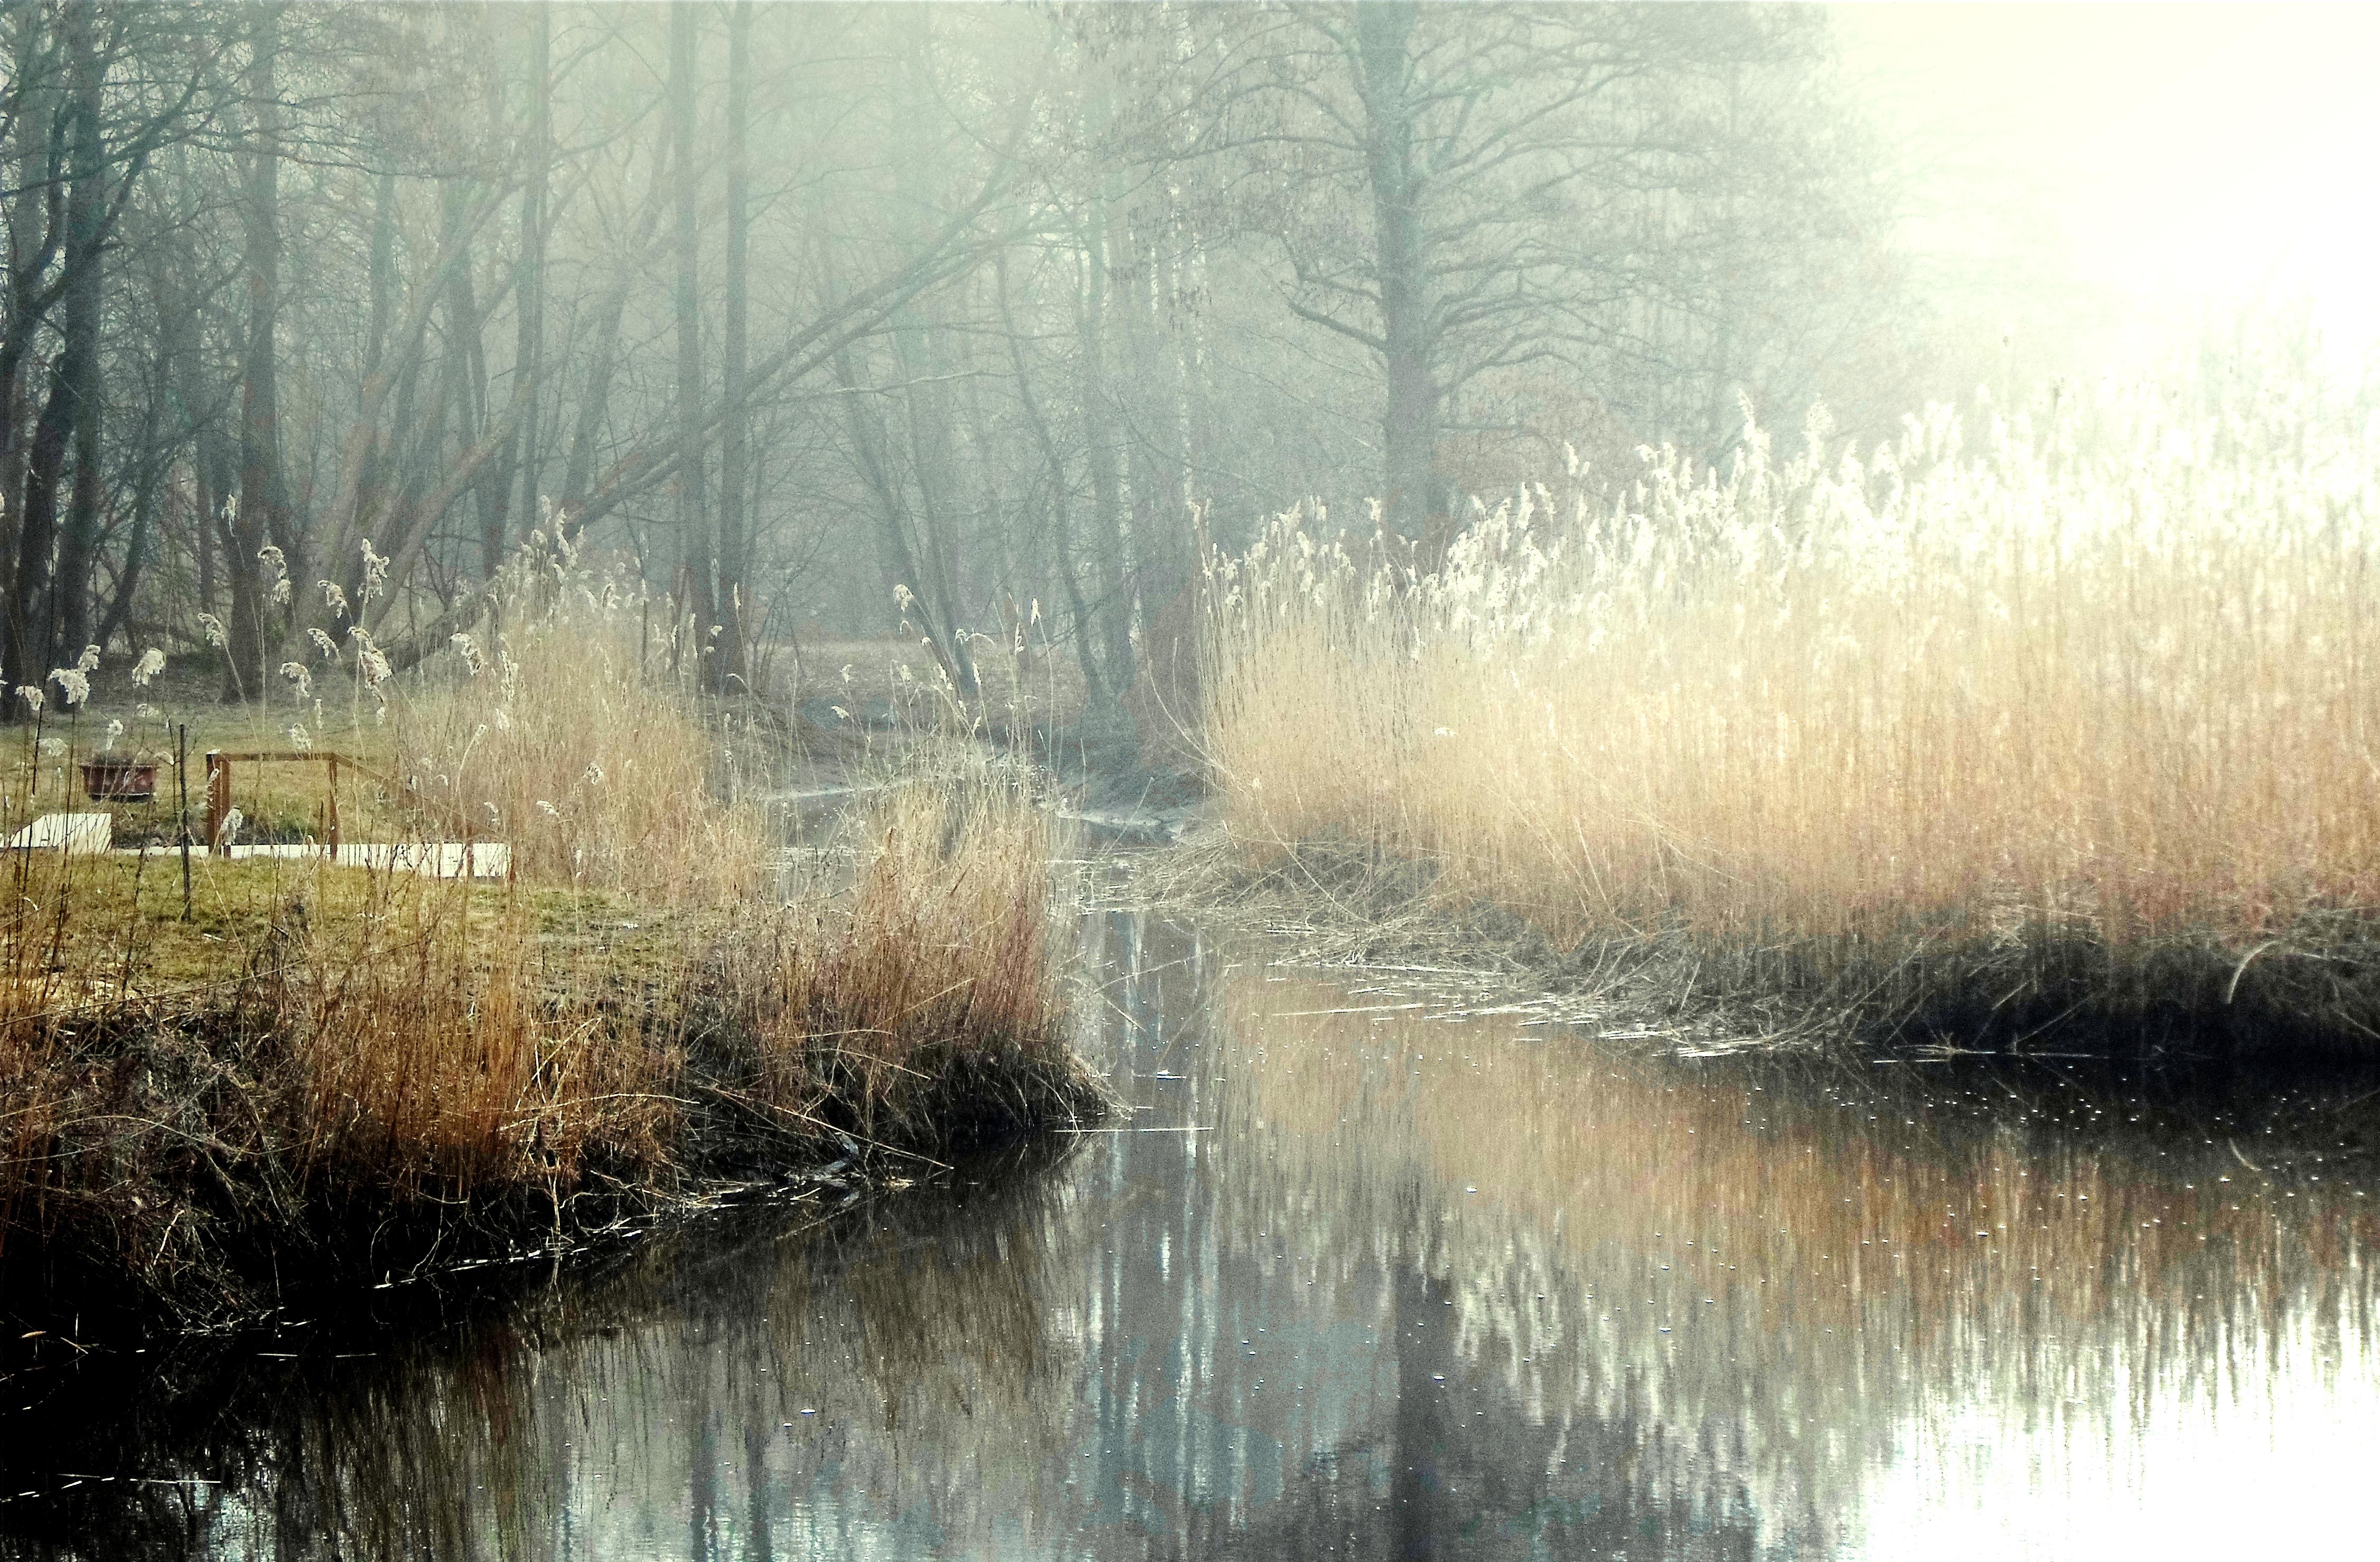 Fog 64 by MASYON